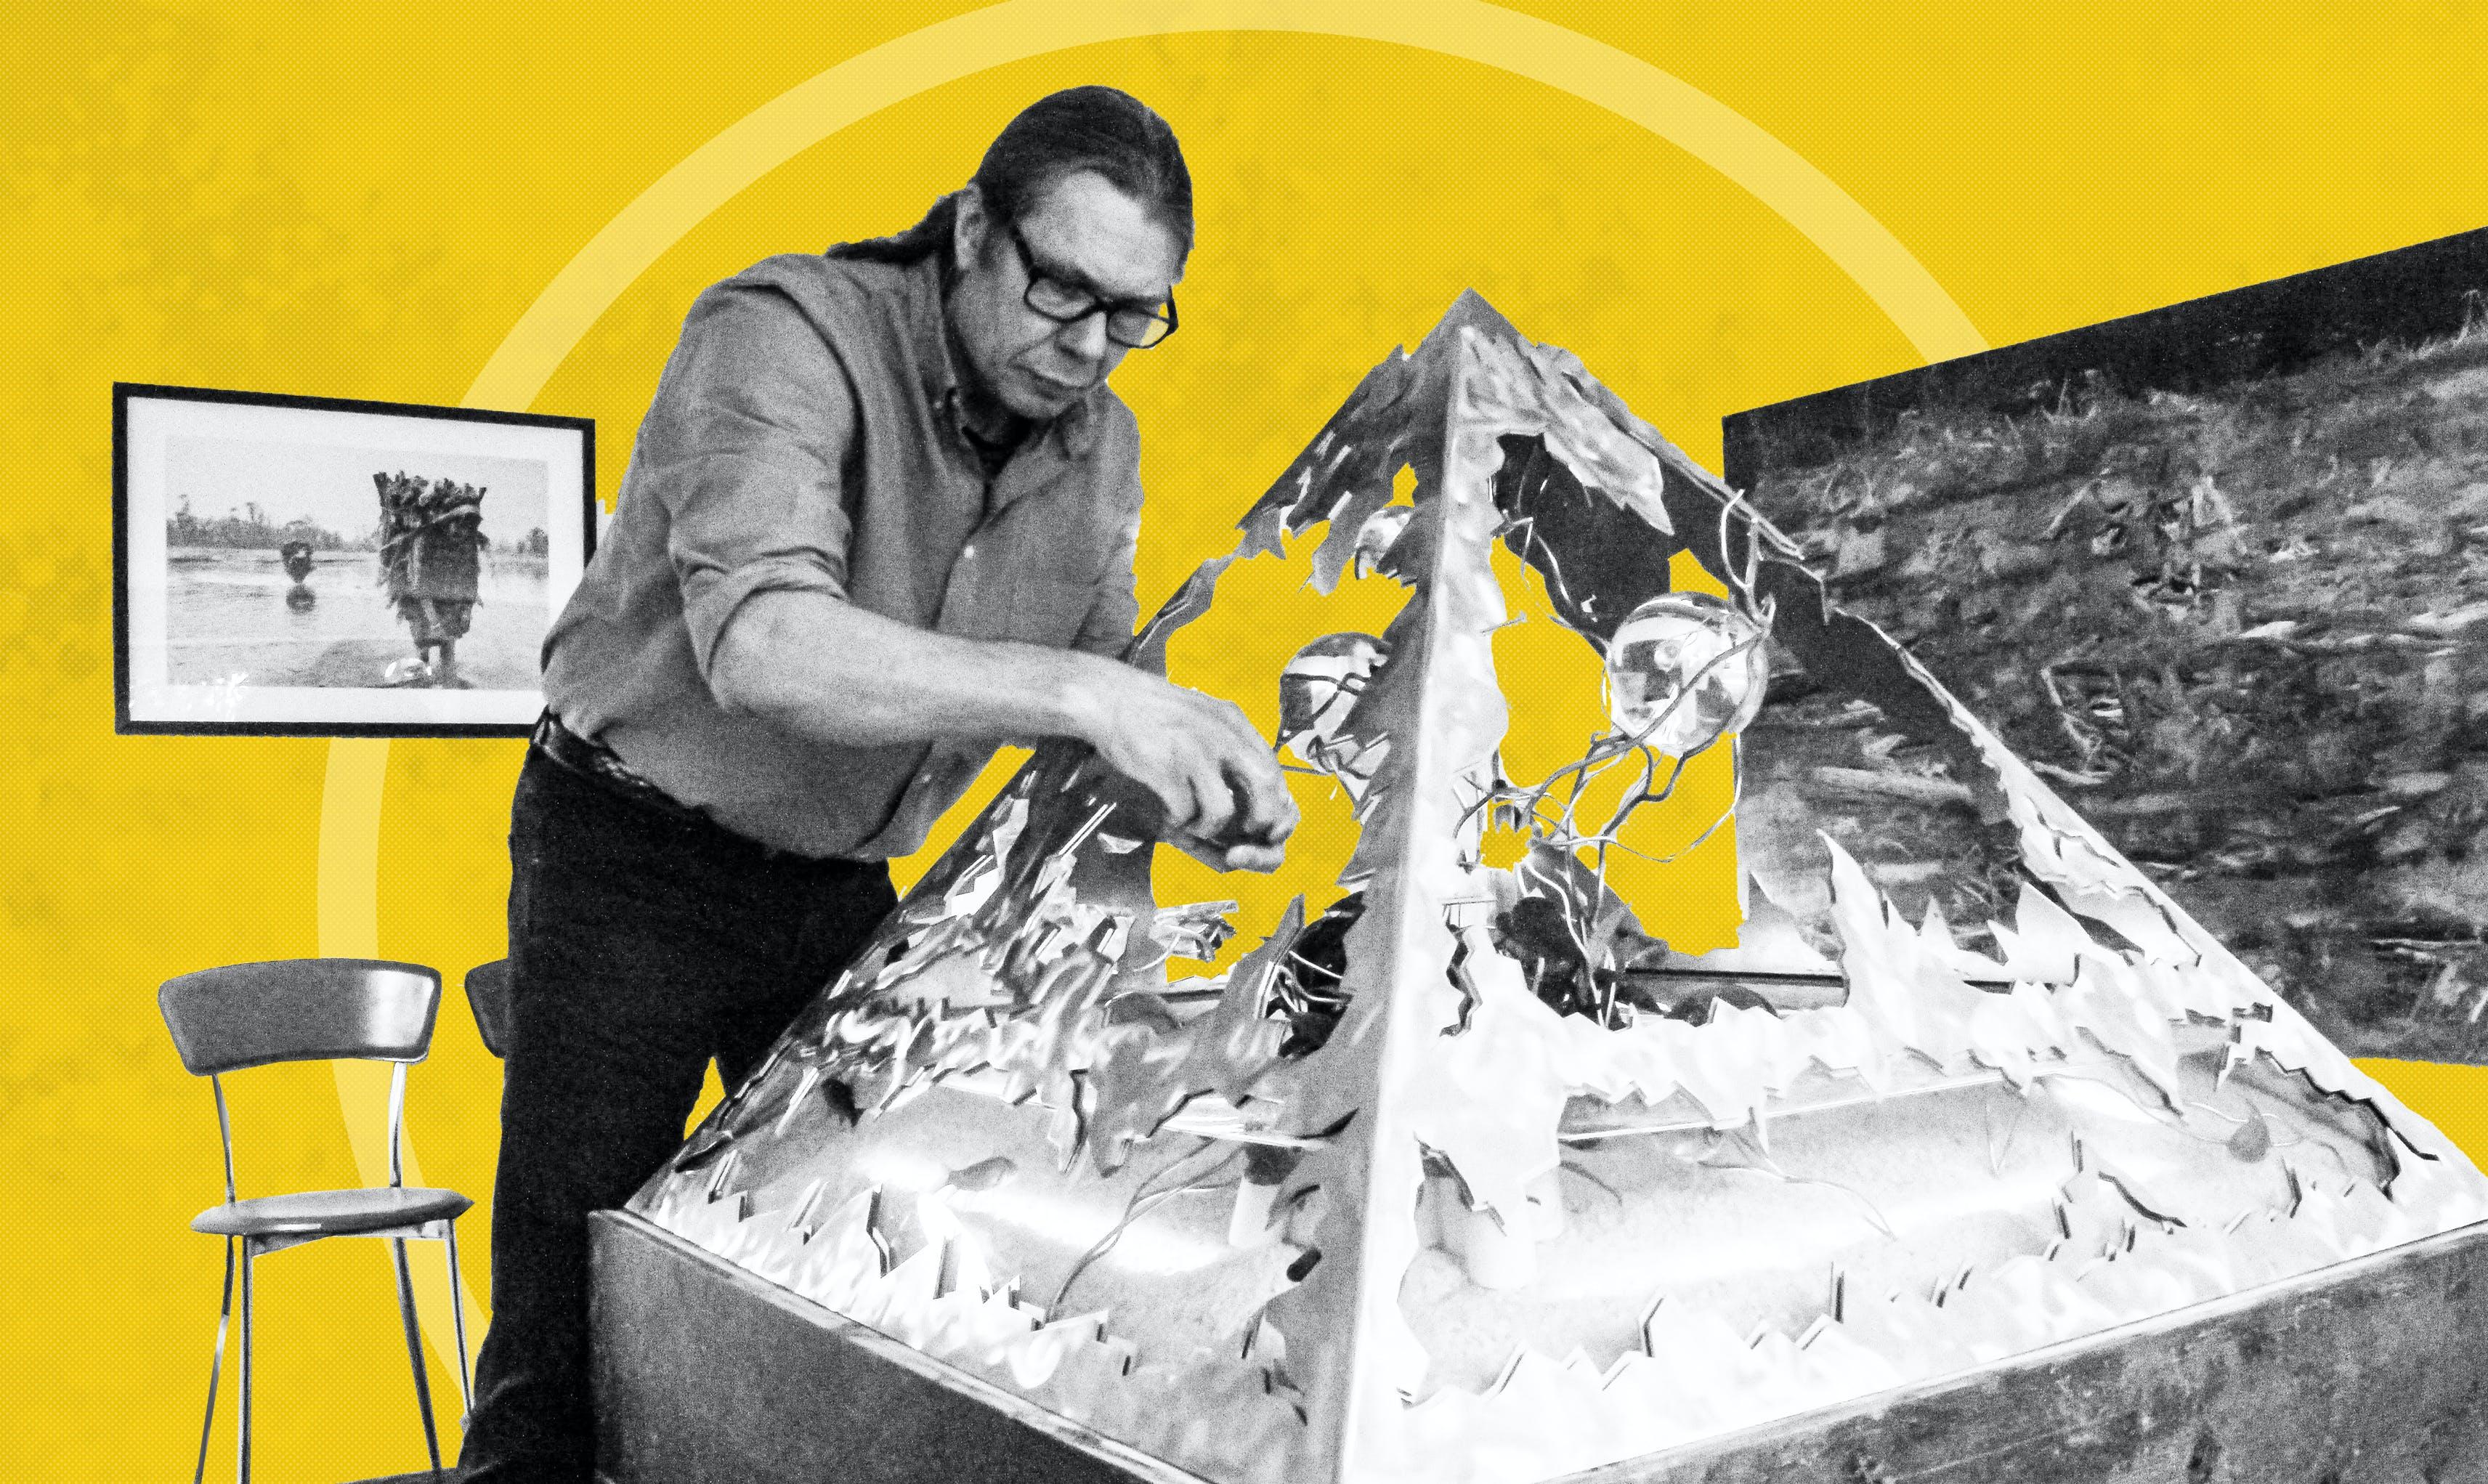 På Galleri Lorien bruger de kunsten til at fortælle om Verdensmålene. Hvert værk præsenterer ét eller flere af Verdensmålene. Foto og grafik: Lauge Eilsøe-Madsen